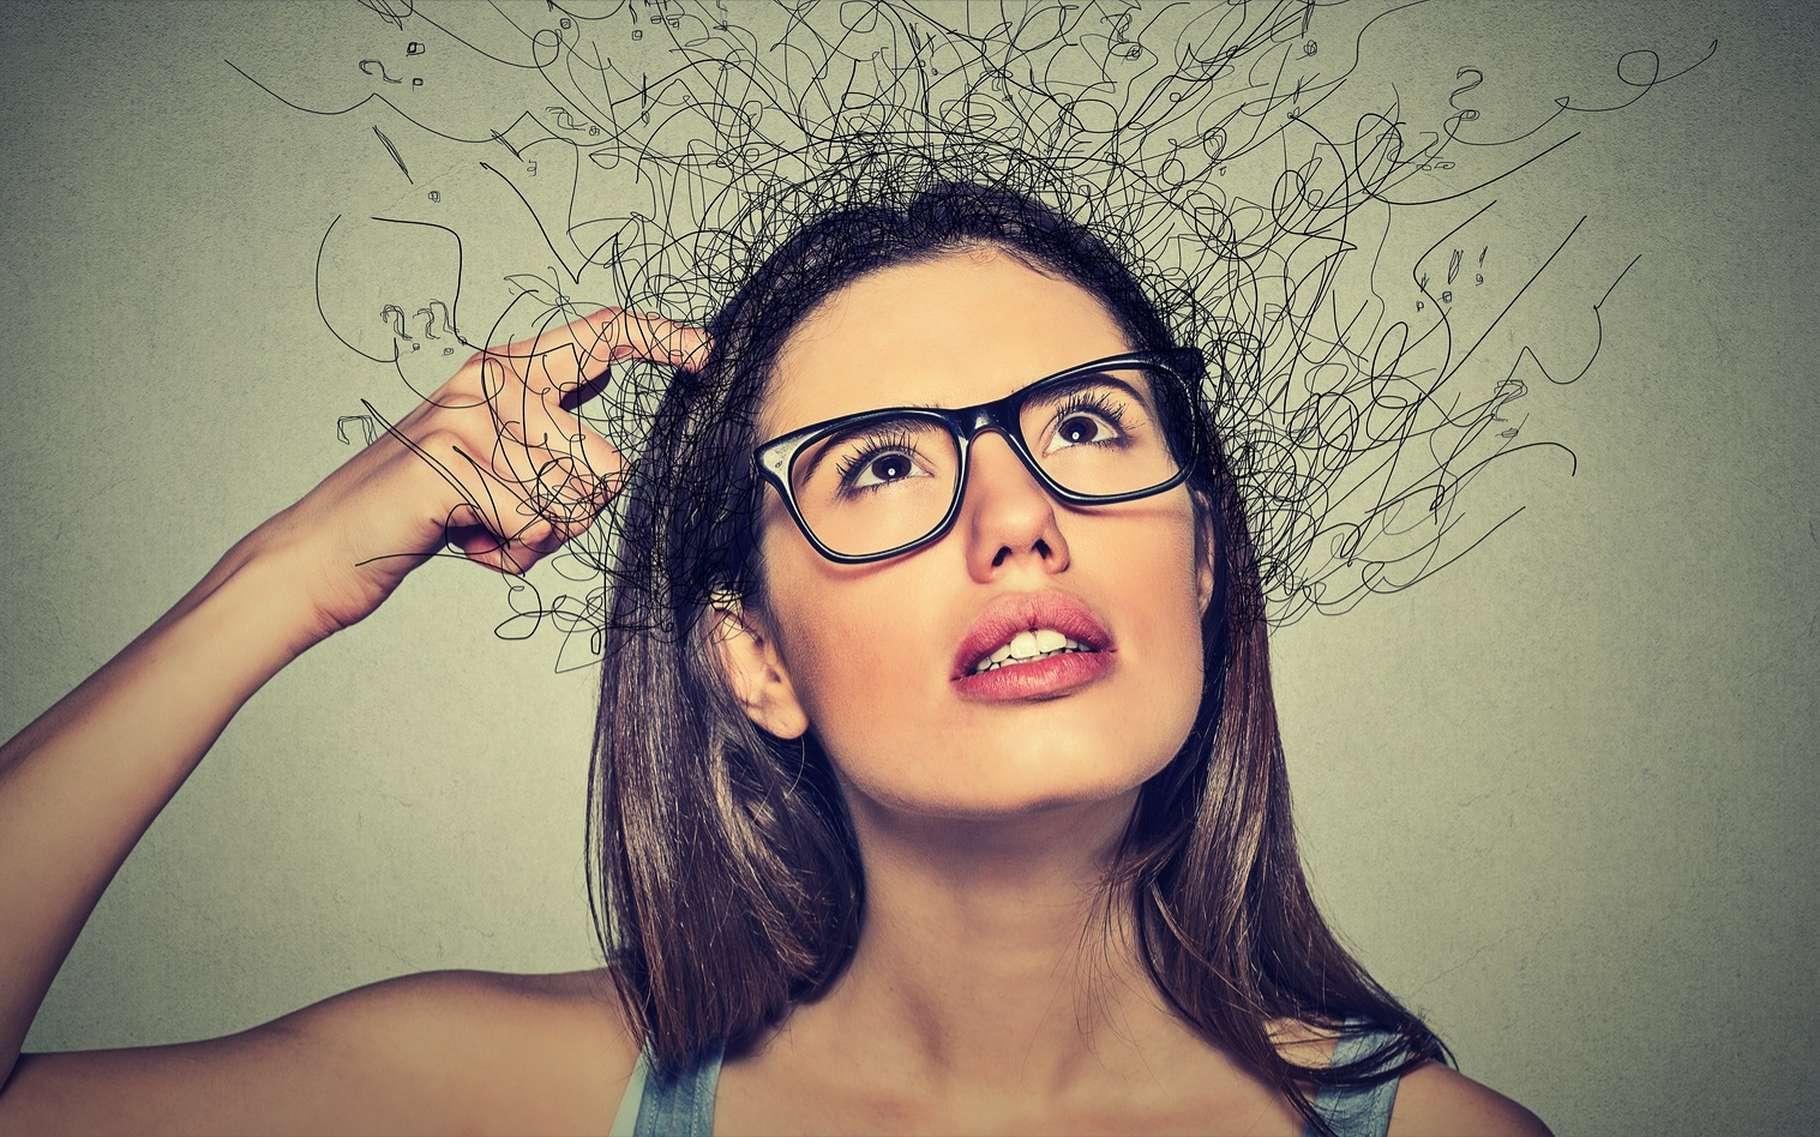 Dans les cas d'amnésie, la mémoire épisodique est affectée à cause d'une lésion cérébrale. © pathdoc, Shutterstock